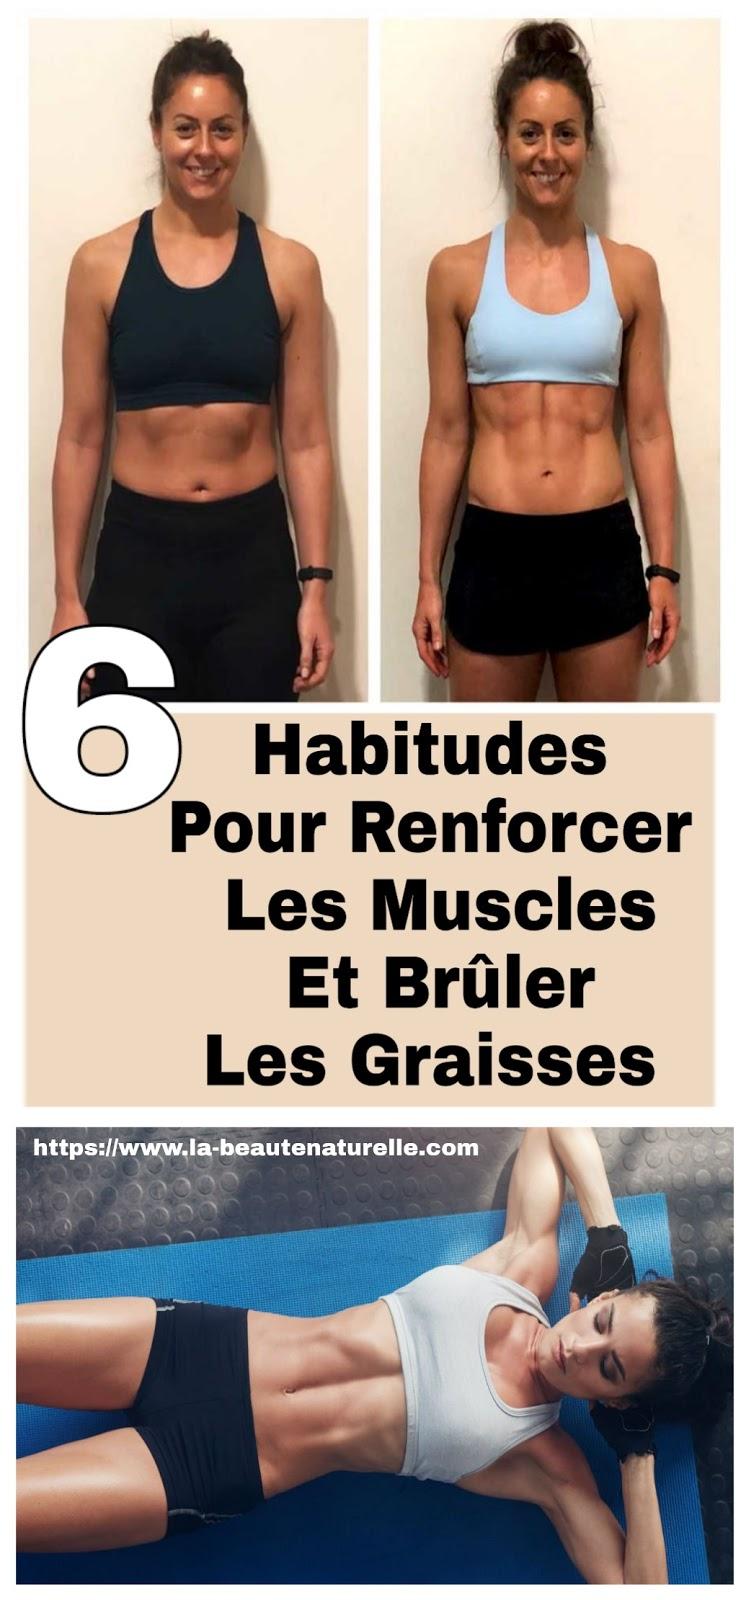 6 Habitudes Pour Renforcer Les Muscles Et Brûler Les Graisses